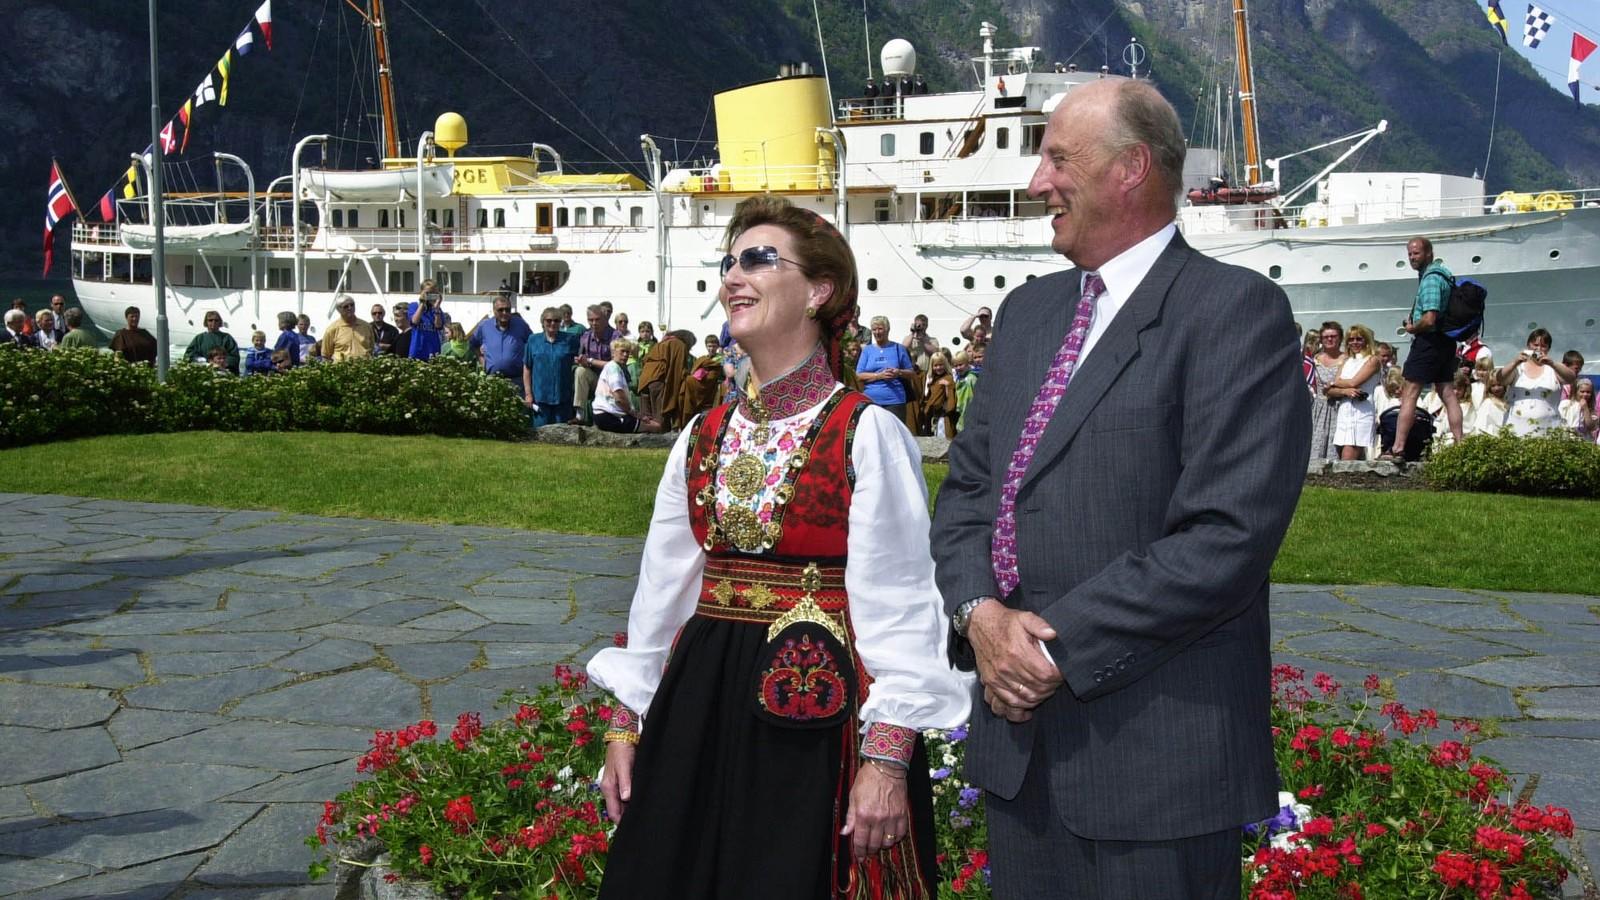 """AURLAND: 9. juni 2002 besøkte kongeparet Aurland. Her står dei på kaia på Aurlandsvangen med kongeskipet """"Norge"""" i bakgrunnen."""